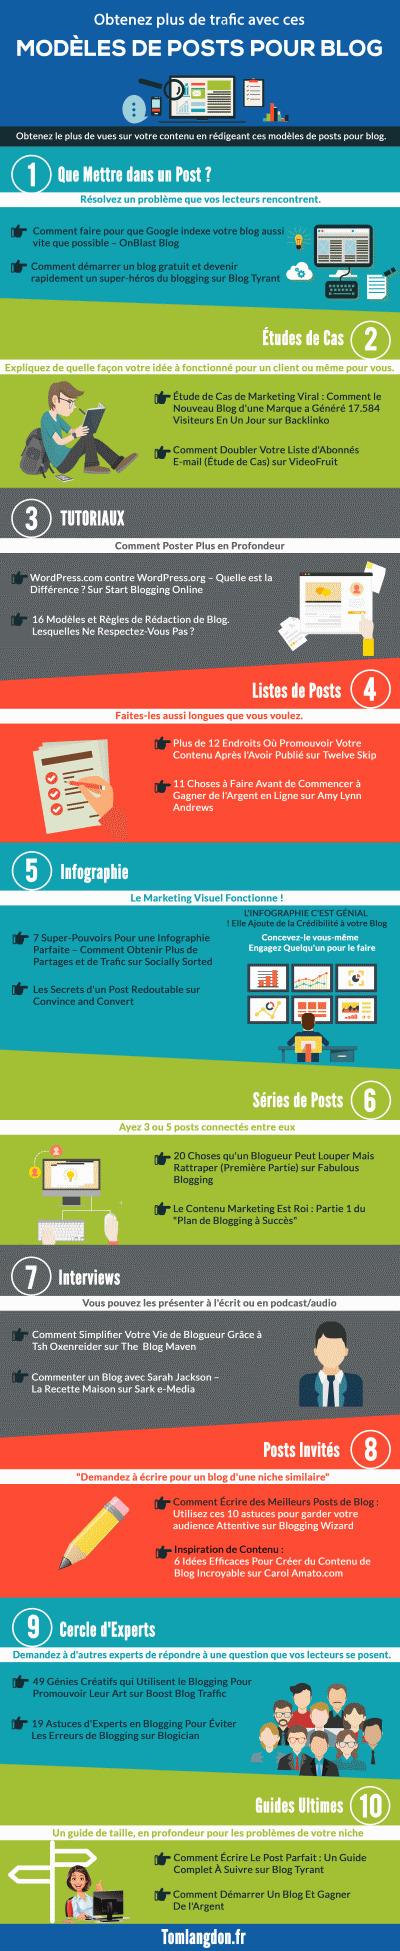 [Infographie] Quels types de contenus pour un blog ? | Social Media Curation par Mon Habitat Web | Scoop.it